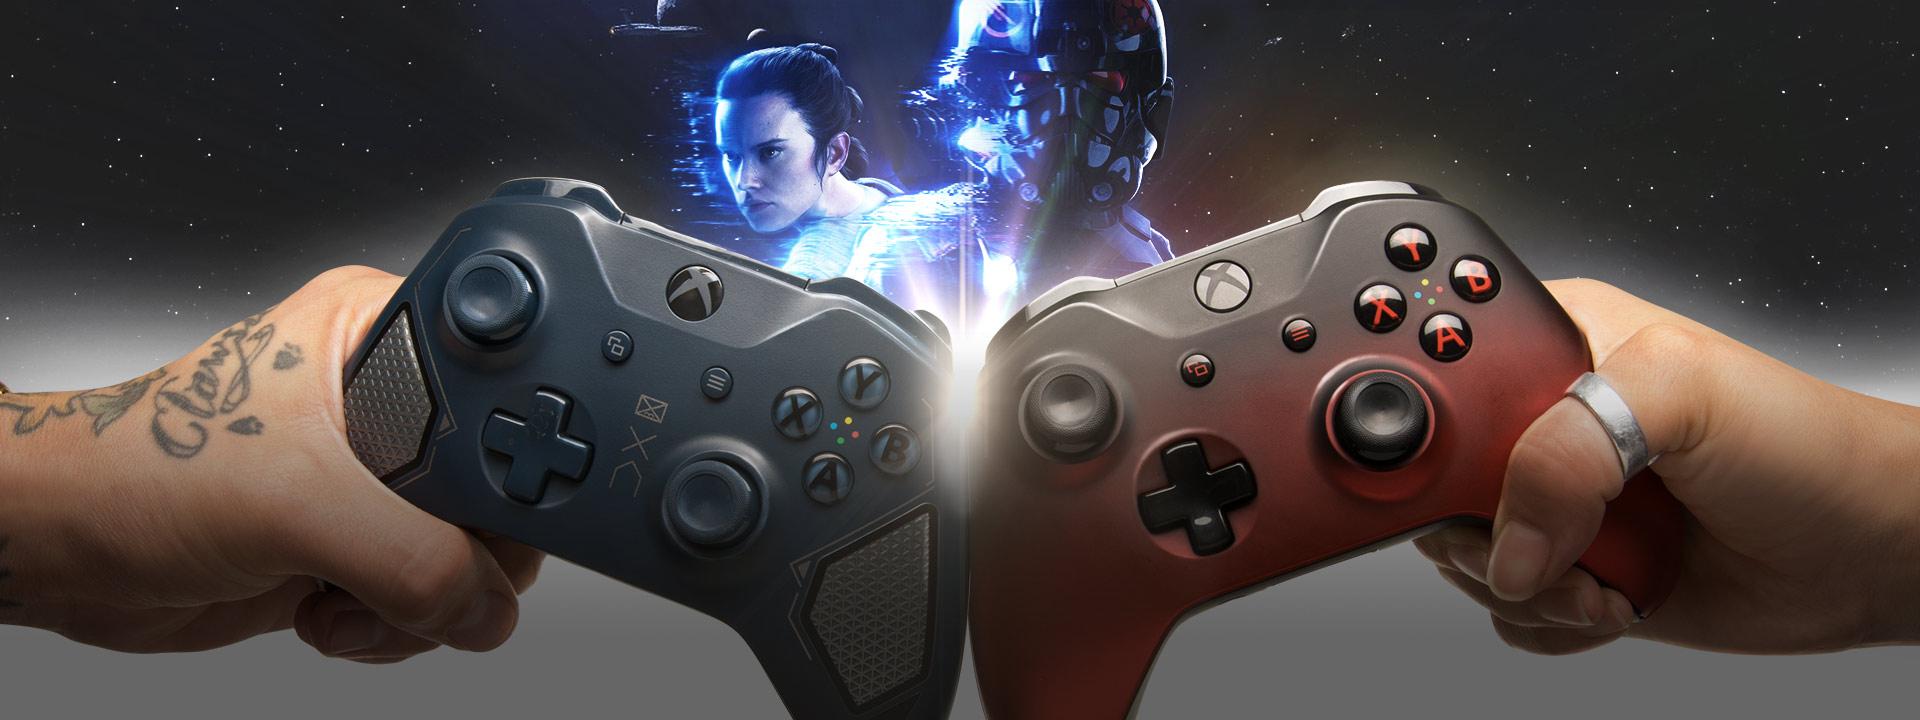 Hände halten Xbox-Controller in den Farben Recon Tech und Volcano Shadow, mit Rey und einem imperialen Commander im Hintergrund